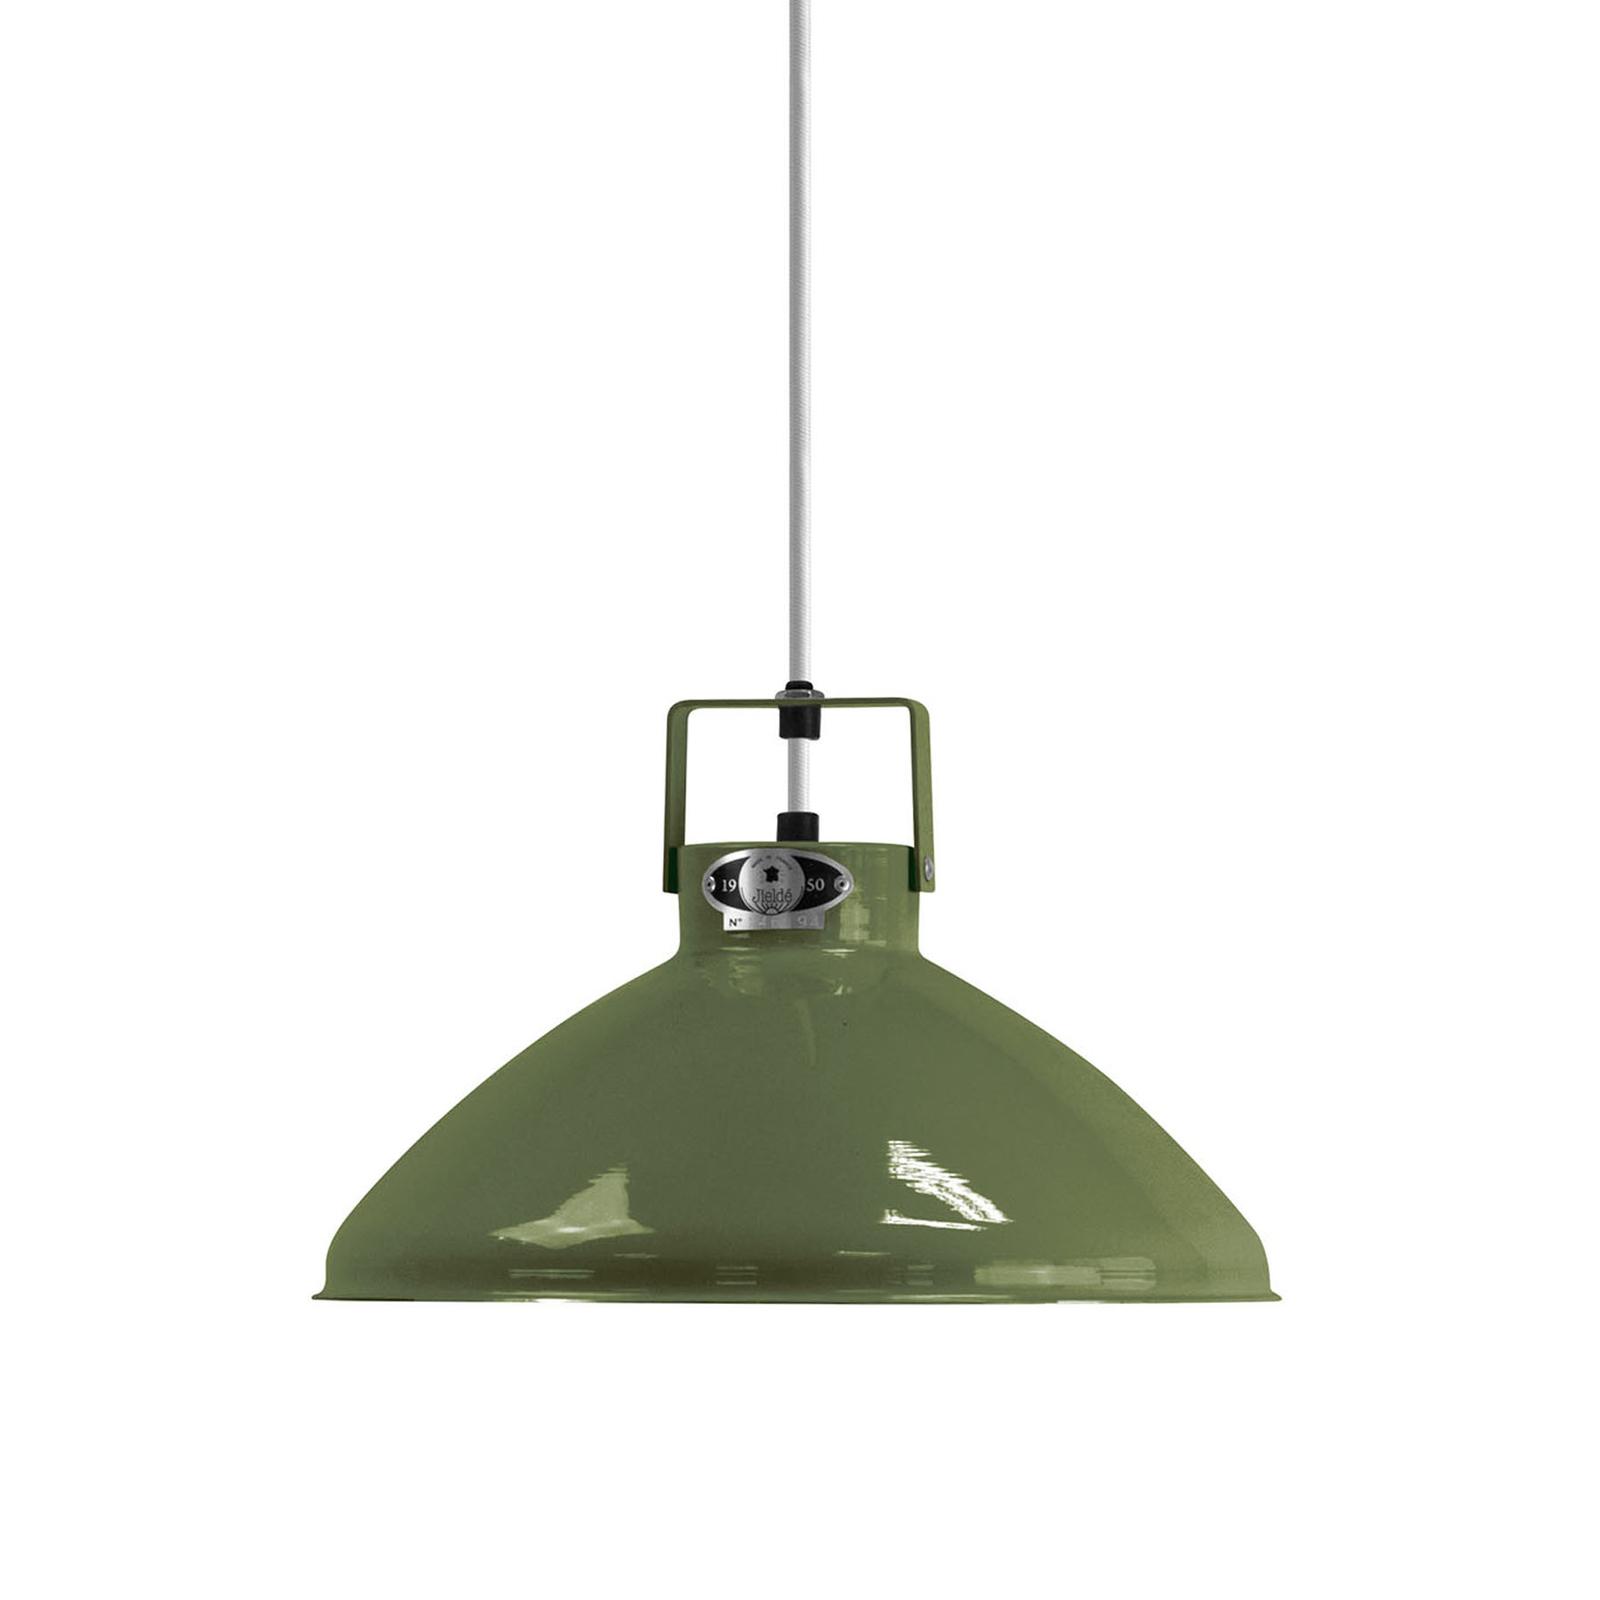 Jieldé Beaumont B240 hanglamp olijfgroen glanzend